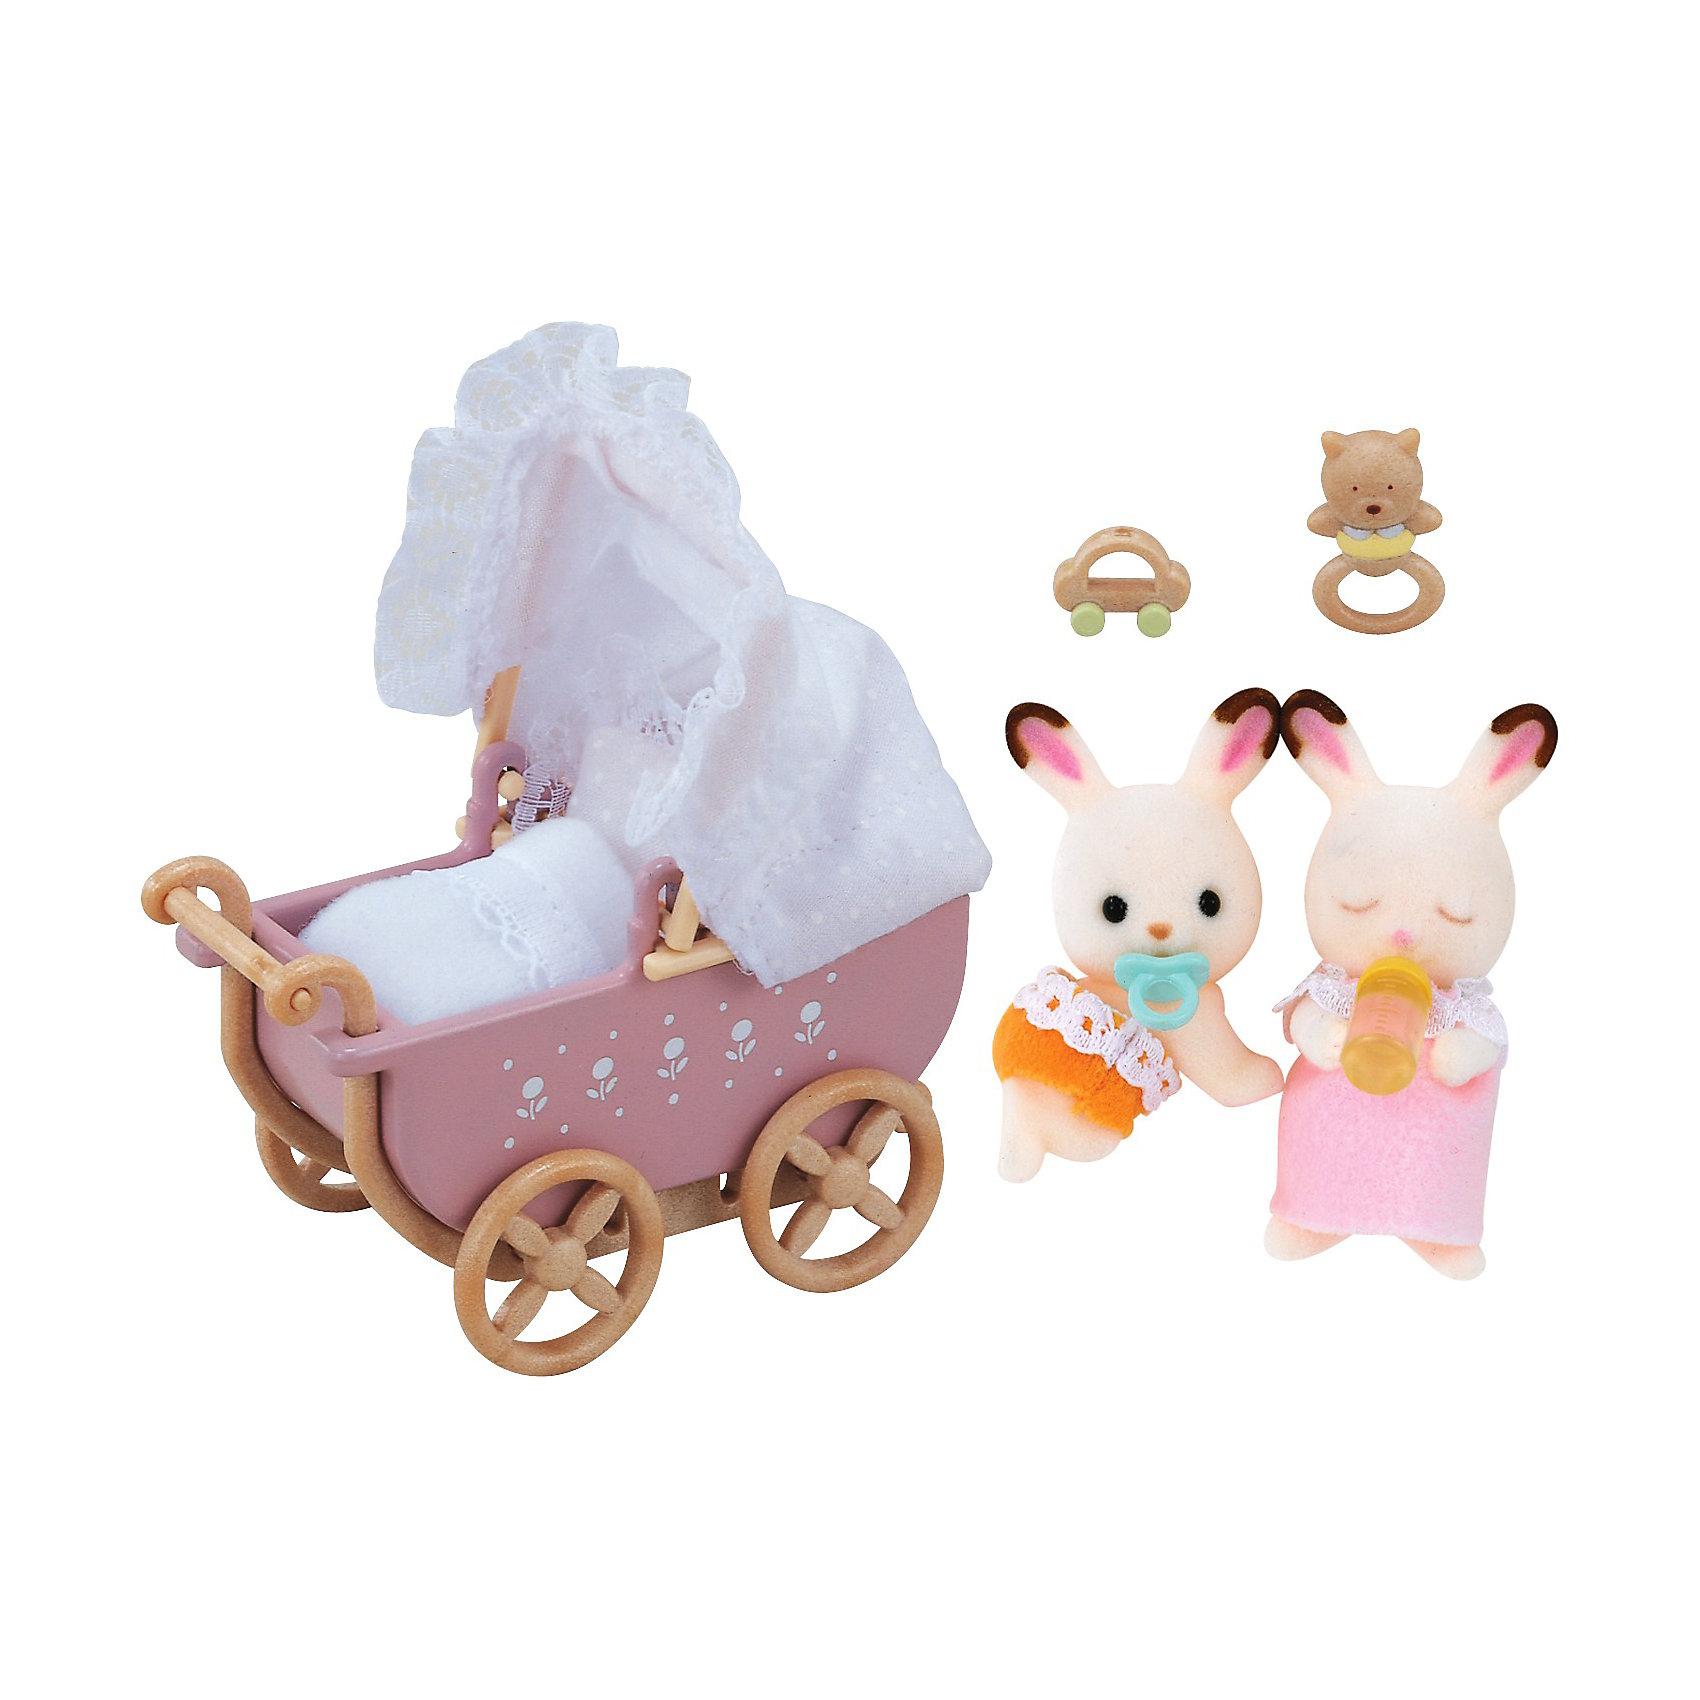 Набор Двойняшки в коляске Sylvanian FamiliesSylvanian Families<br>Набор Двойняшки в коляске от Sylvanian Families (Сильваниан Фэмилиес). <br><br>Маленькие кролики-двойняшки из семьи шоколадных кроликов станут отличным дополнением к базовому набору шоколадных кроликов. Оба кролика белые с коричневыми ушками, у них чёрные глазки-бусинки. Девочка одета в кружевное платье с воротником, а мальчик в жёлтые трусики. <br><br>Крольчата очень любят кататься в своей коляске. У коляски откидной верх, сбоку нарисован узор. Для того, чтобы прогулка была удобной и комфортной, в набор входят матрас и одеяльце. Соска, погремушки и бутылочка развлекут малышей во время прогулки. <br><br>Дополнительная информация:<br><br>В набор входят:<br><br>- коляска (8 х 6,5 х 4 см);<br>- 2 кролика (4,5 см);<br>- соска;<br>- бутылка;<br>- погремушка. <br><br>Материал: текстиль, ПВХ с полимерным напылением, пластмасса.<br><br>Этот набор обязательно порадует Вашего ребёнка, ведь теперь он сможет разыгрывать сценки из собственной жизни! Набор также способствует развитию фантазии и навыков общения.<br><br>Ширина мм: 142<br>Глубина мм: 139<br>Высота мм: 58<br>Вес г: 104<br>Возраст от месяцев: 36<br>Возраст до месяцев: 72<br>Пол: Женский<br>Возраст: Детский<br>SKU: 2226651